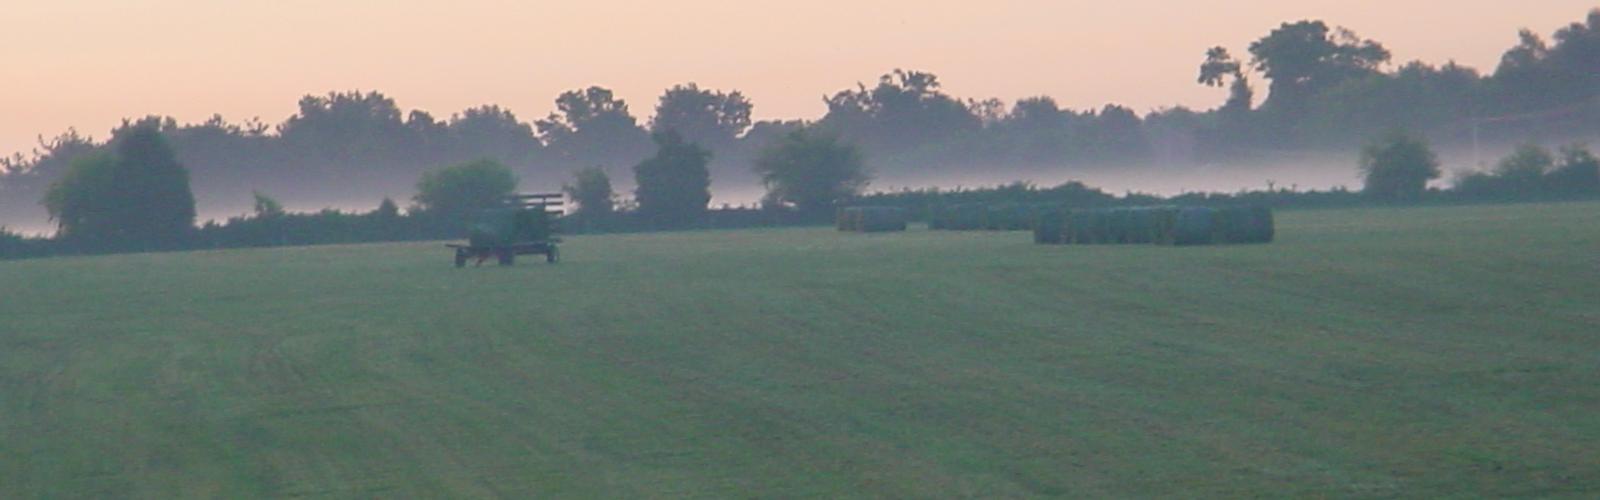 farm-banner